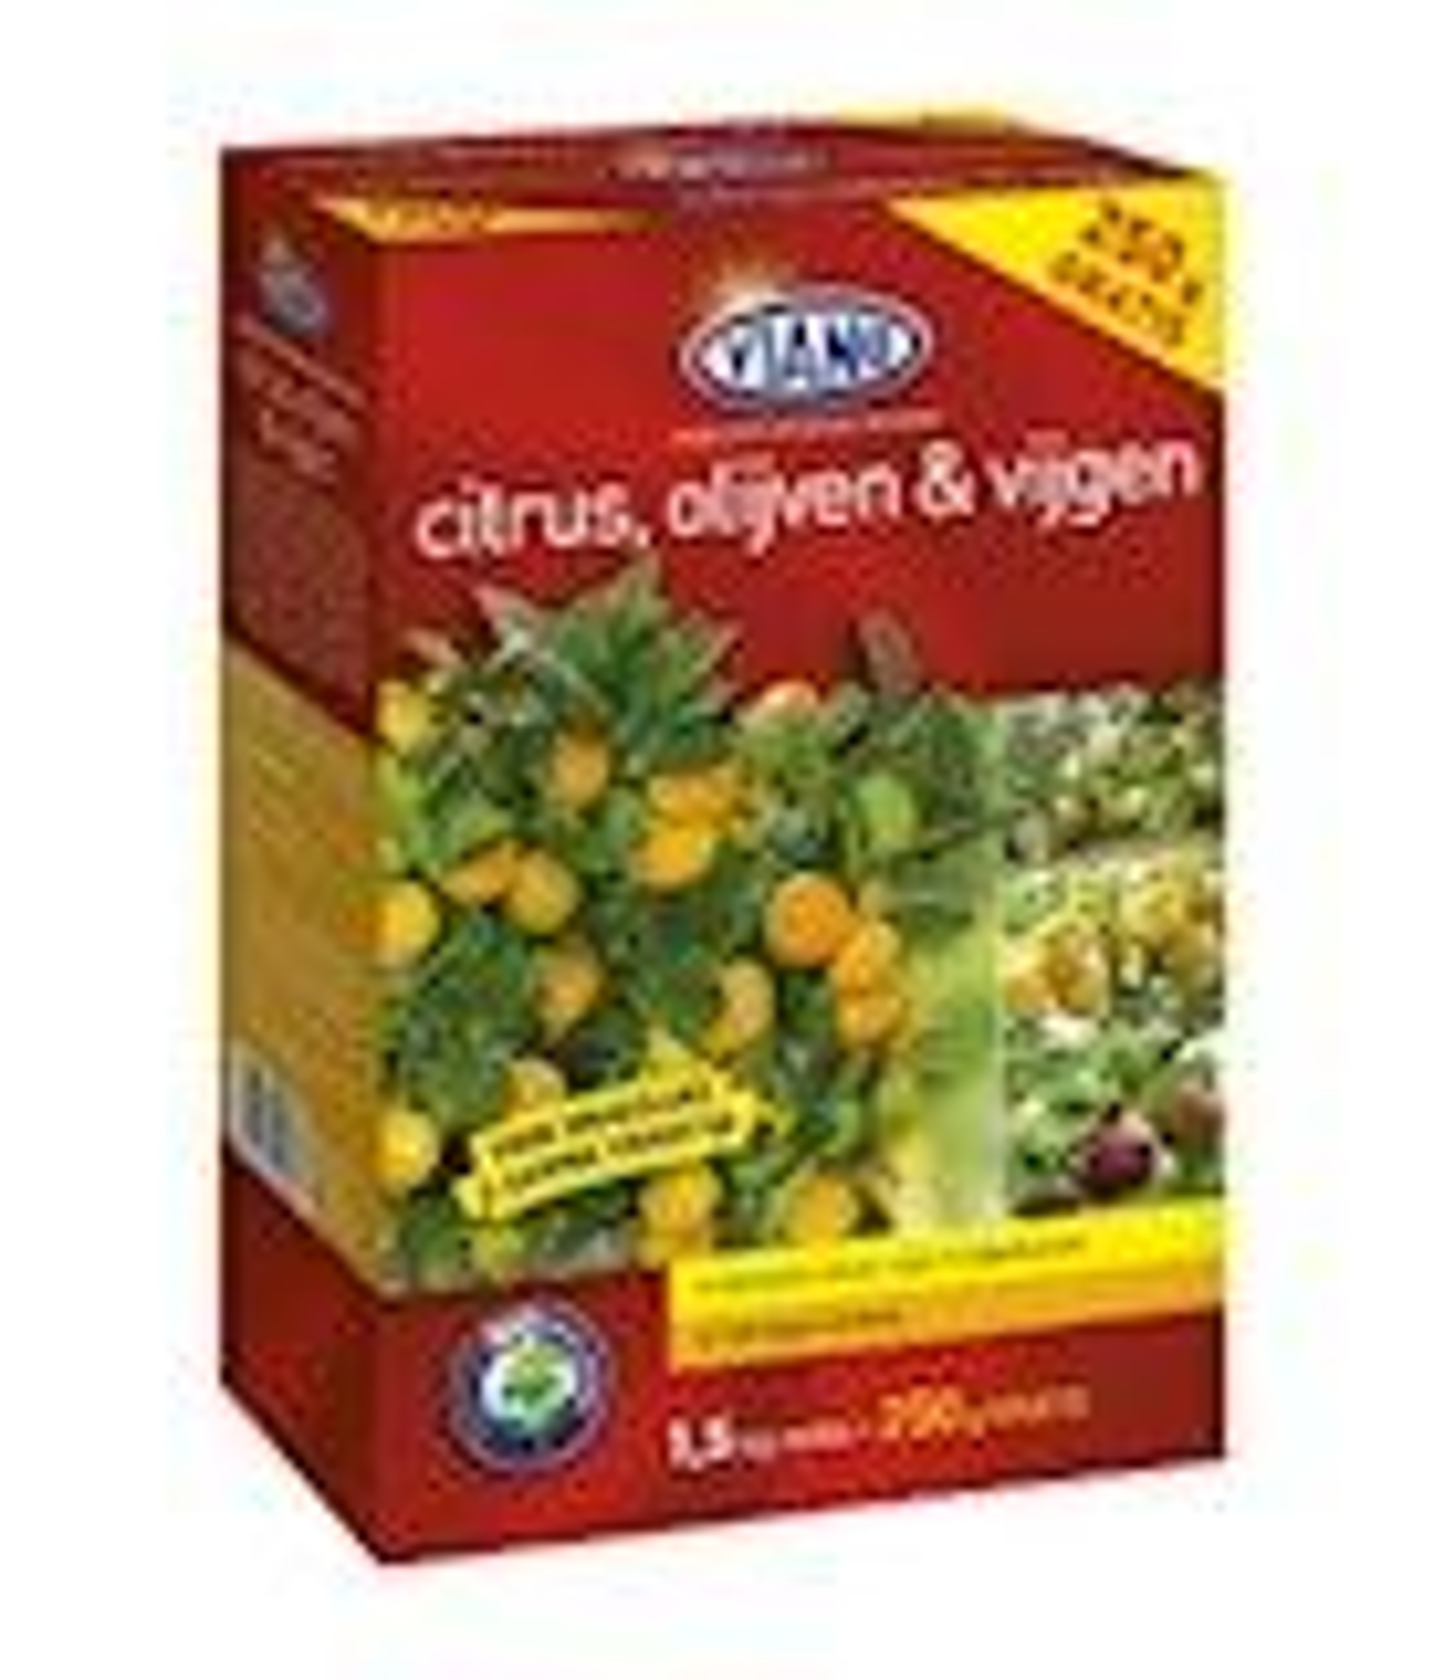 Citrus, olijven en vijgen meststof doos 1,5kg + 250gr gratis